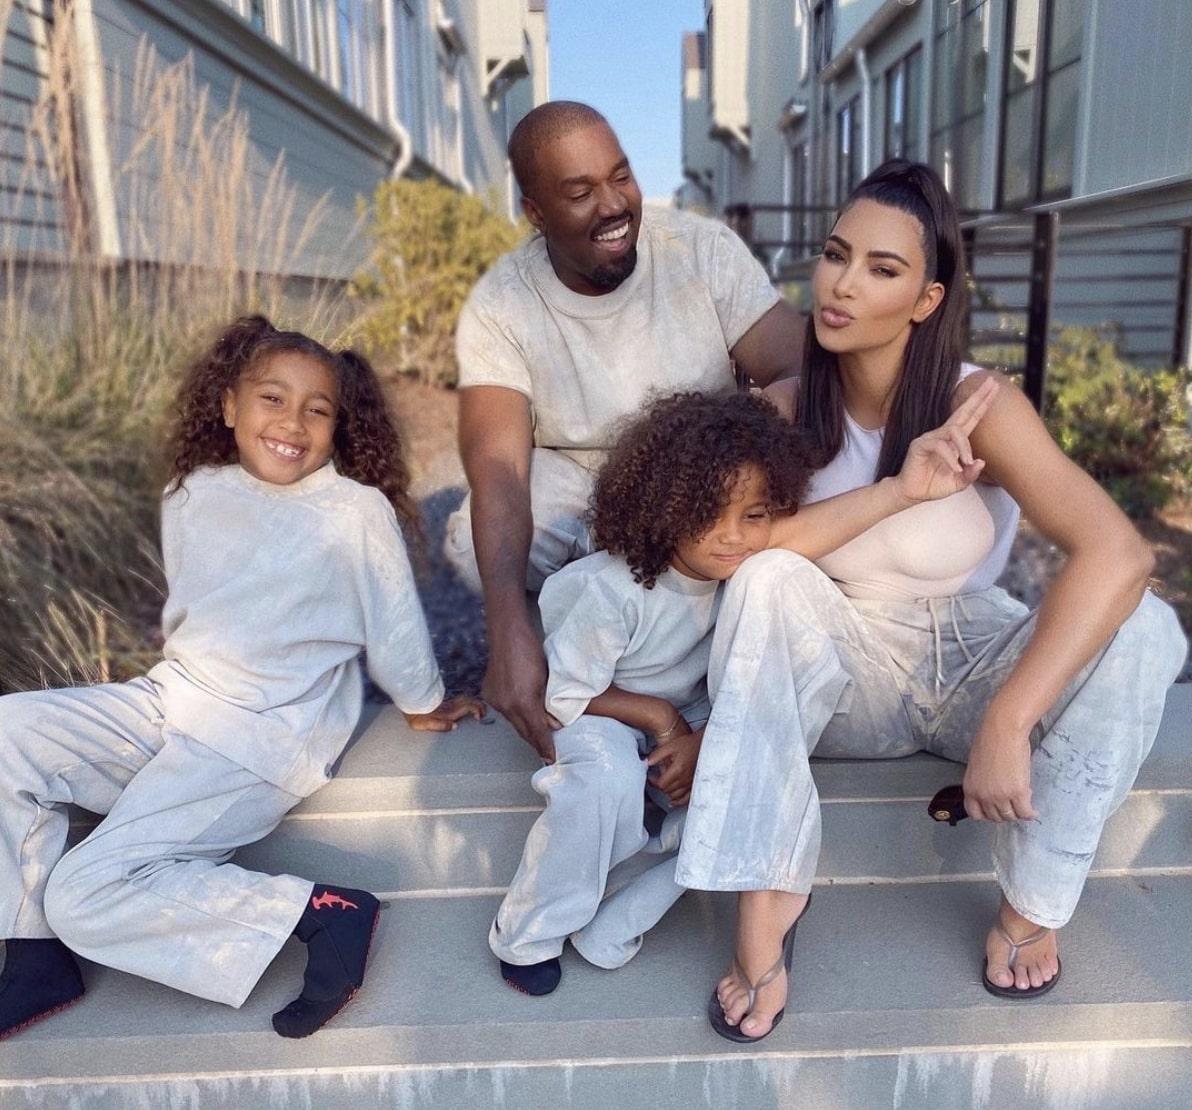 昨年までは仲睦まじいところを見せていたカニエとキム(画像は『Kim Kardashian West 2020年10月3日付Instagram』のスクリーンショット)